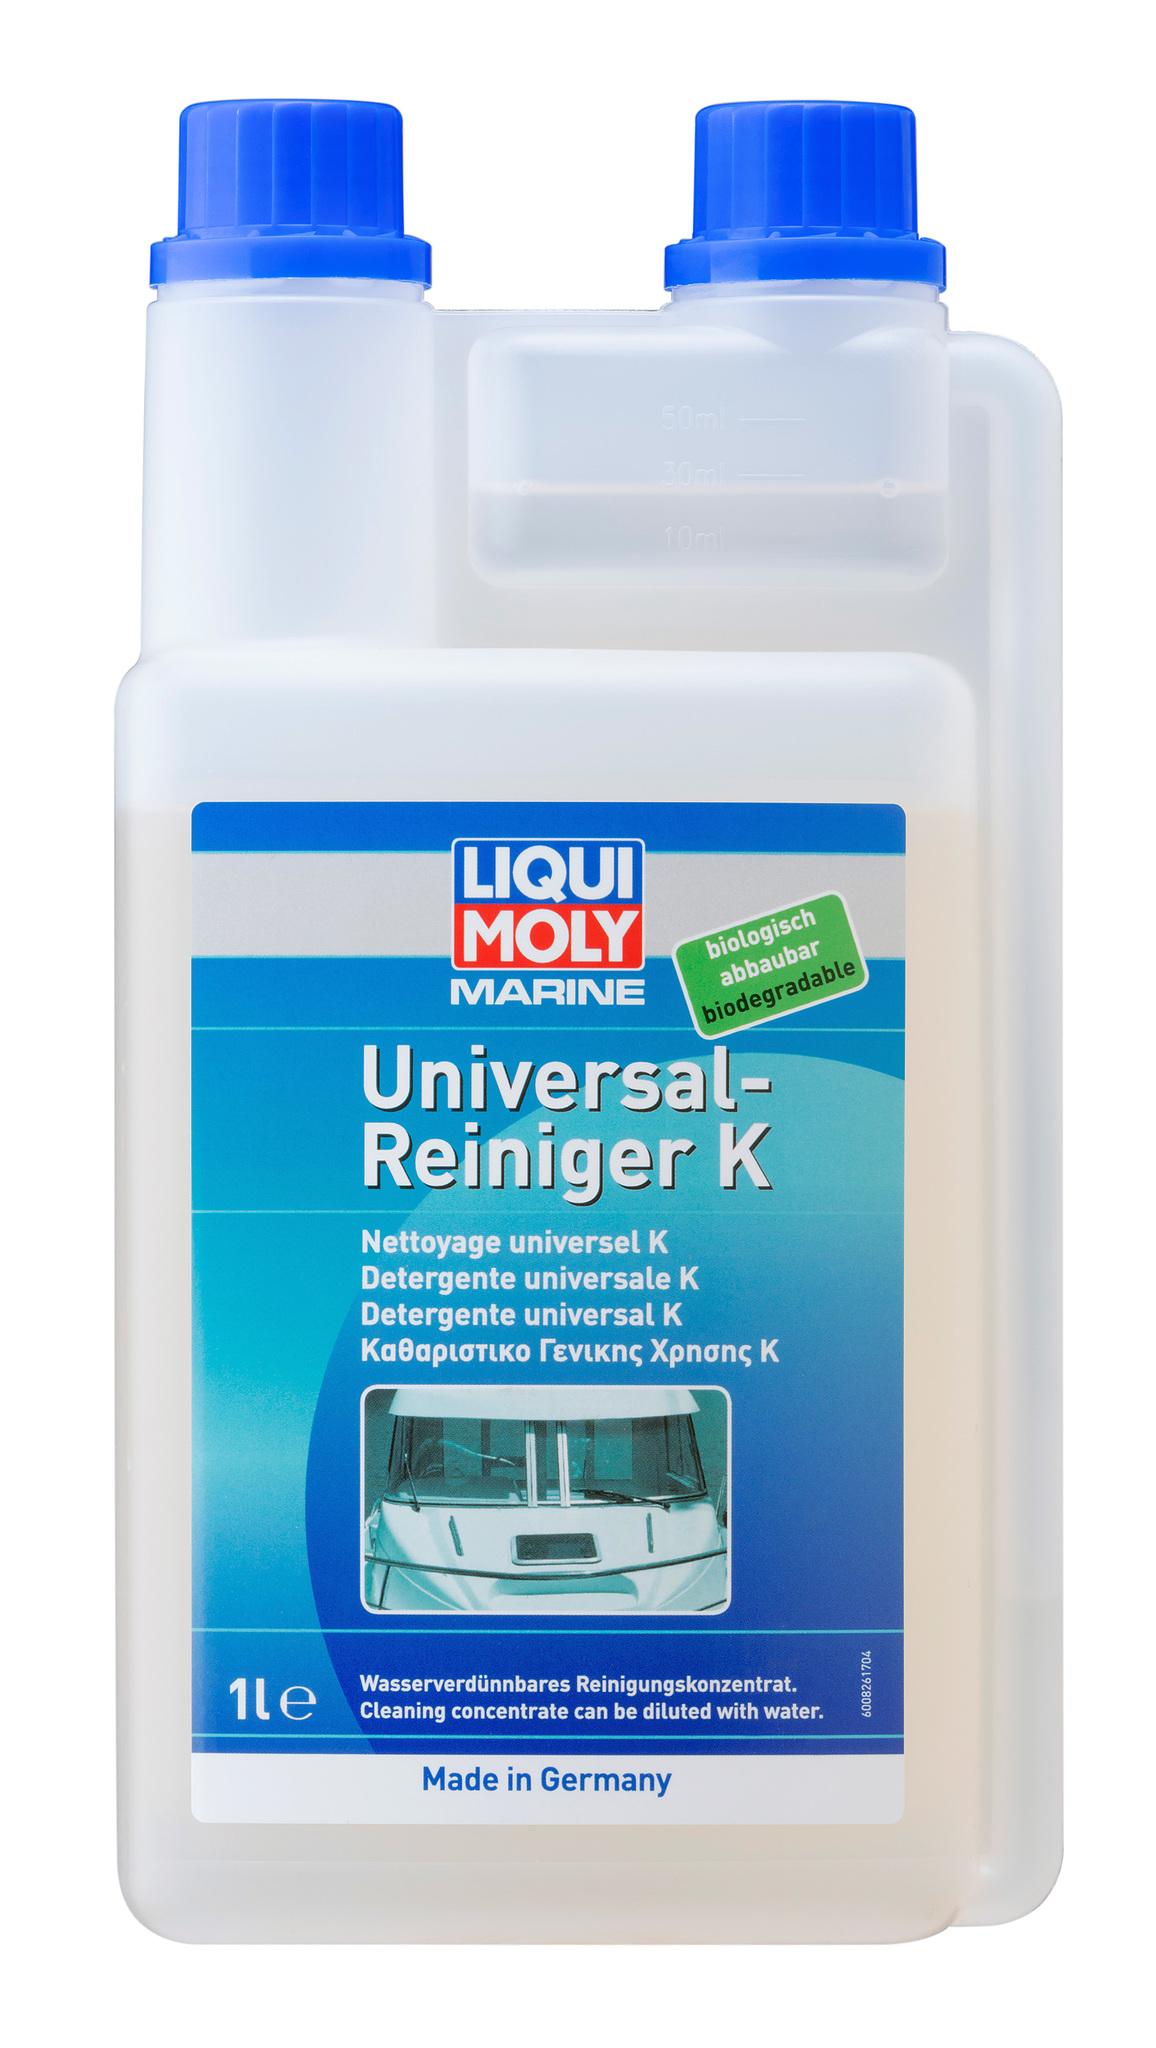 Liqui Moly Marine Universal Reiniger K-Лодочный универсальный очиститель